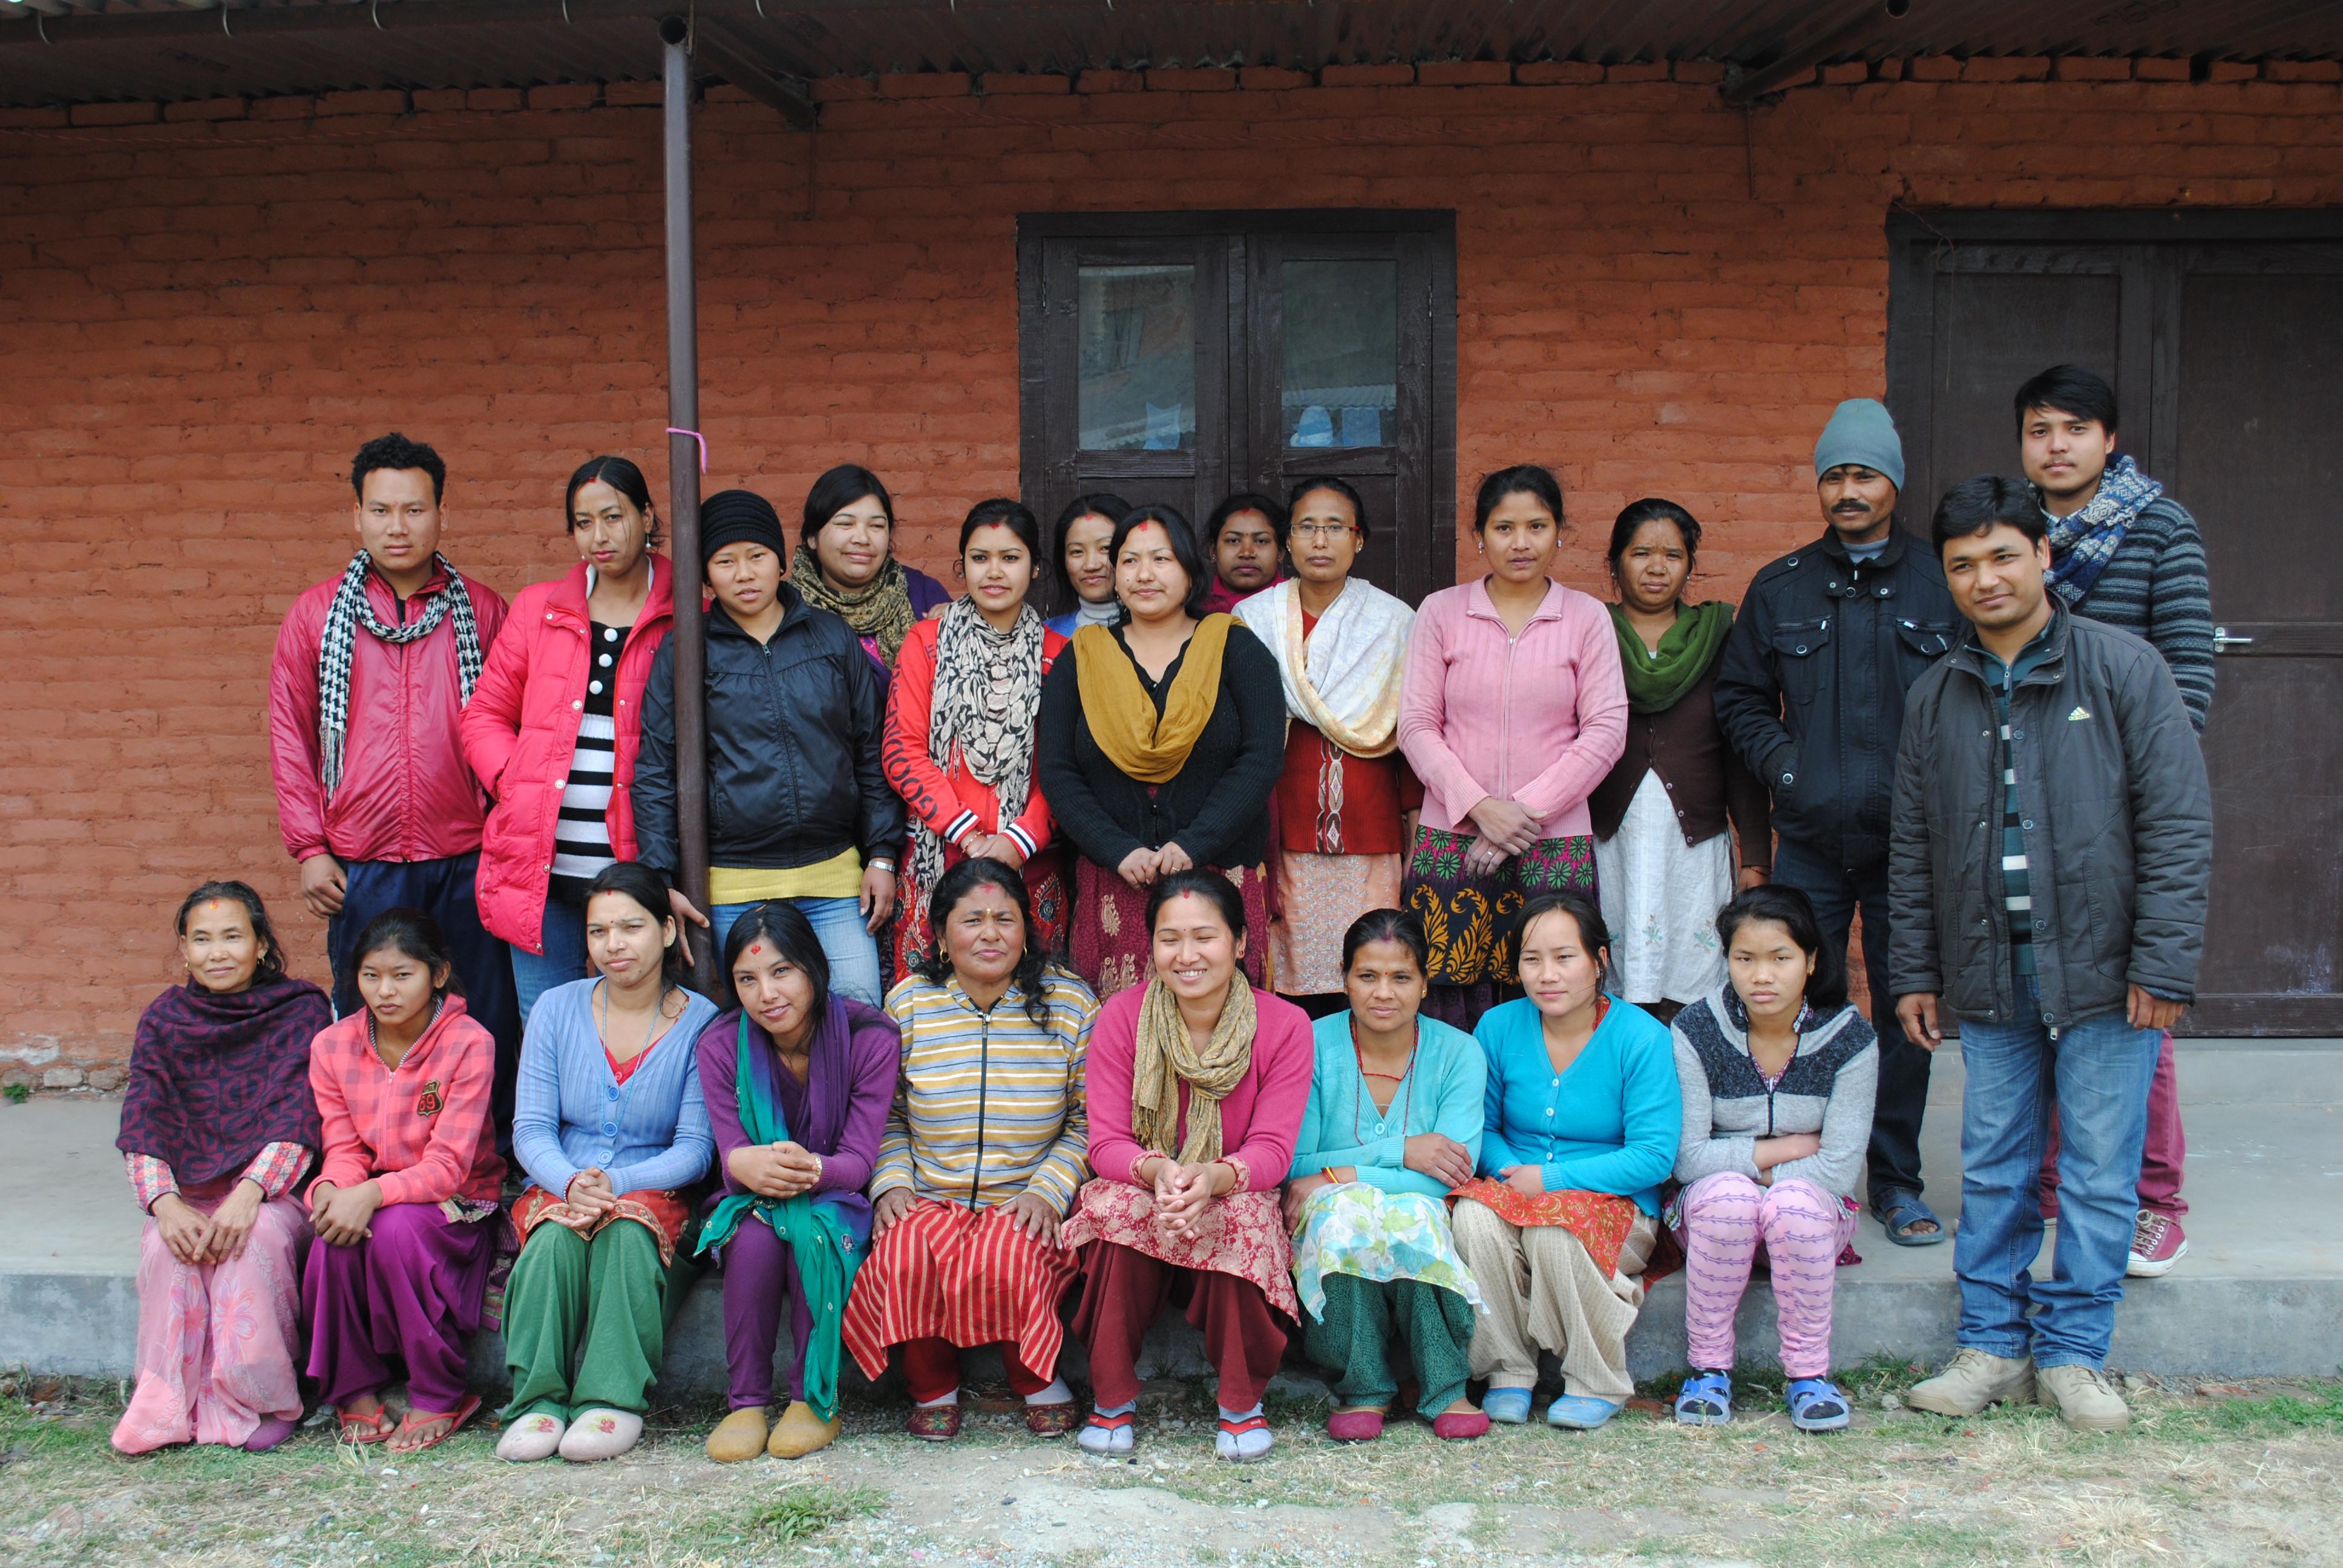 Unser nepalesisches Filzteam